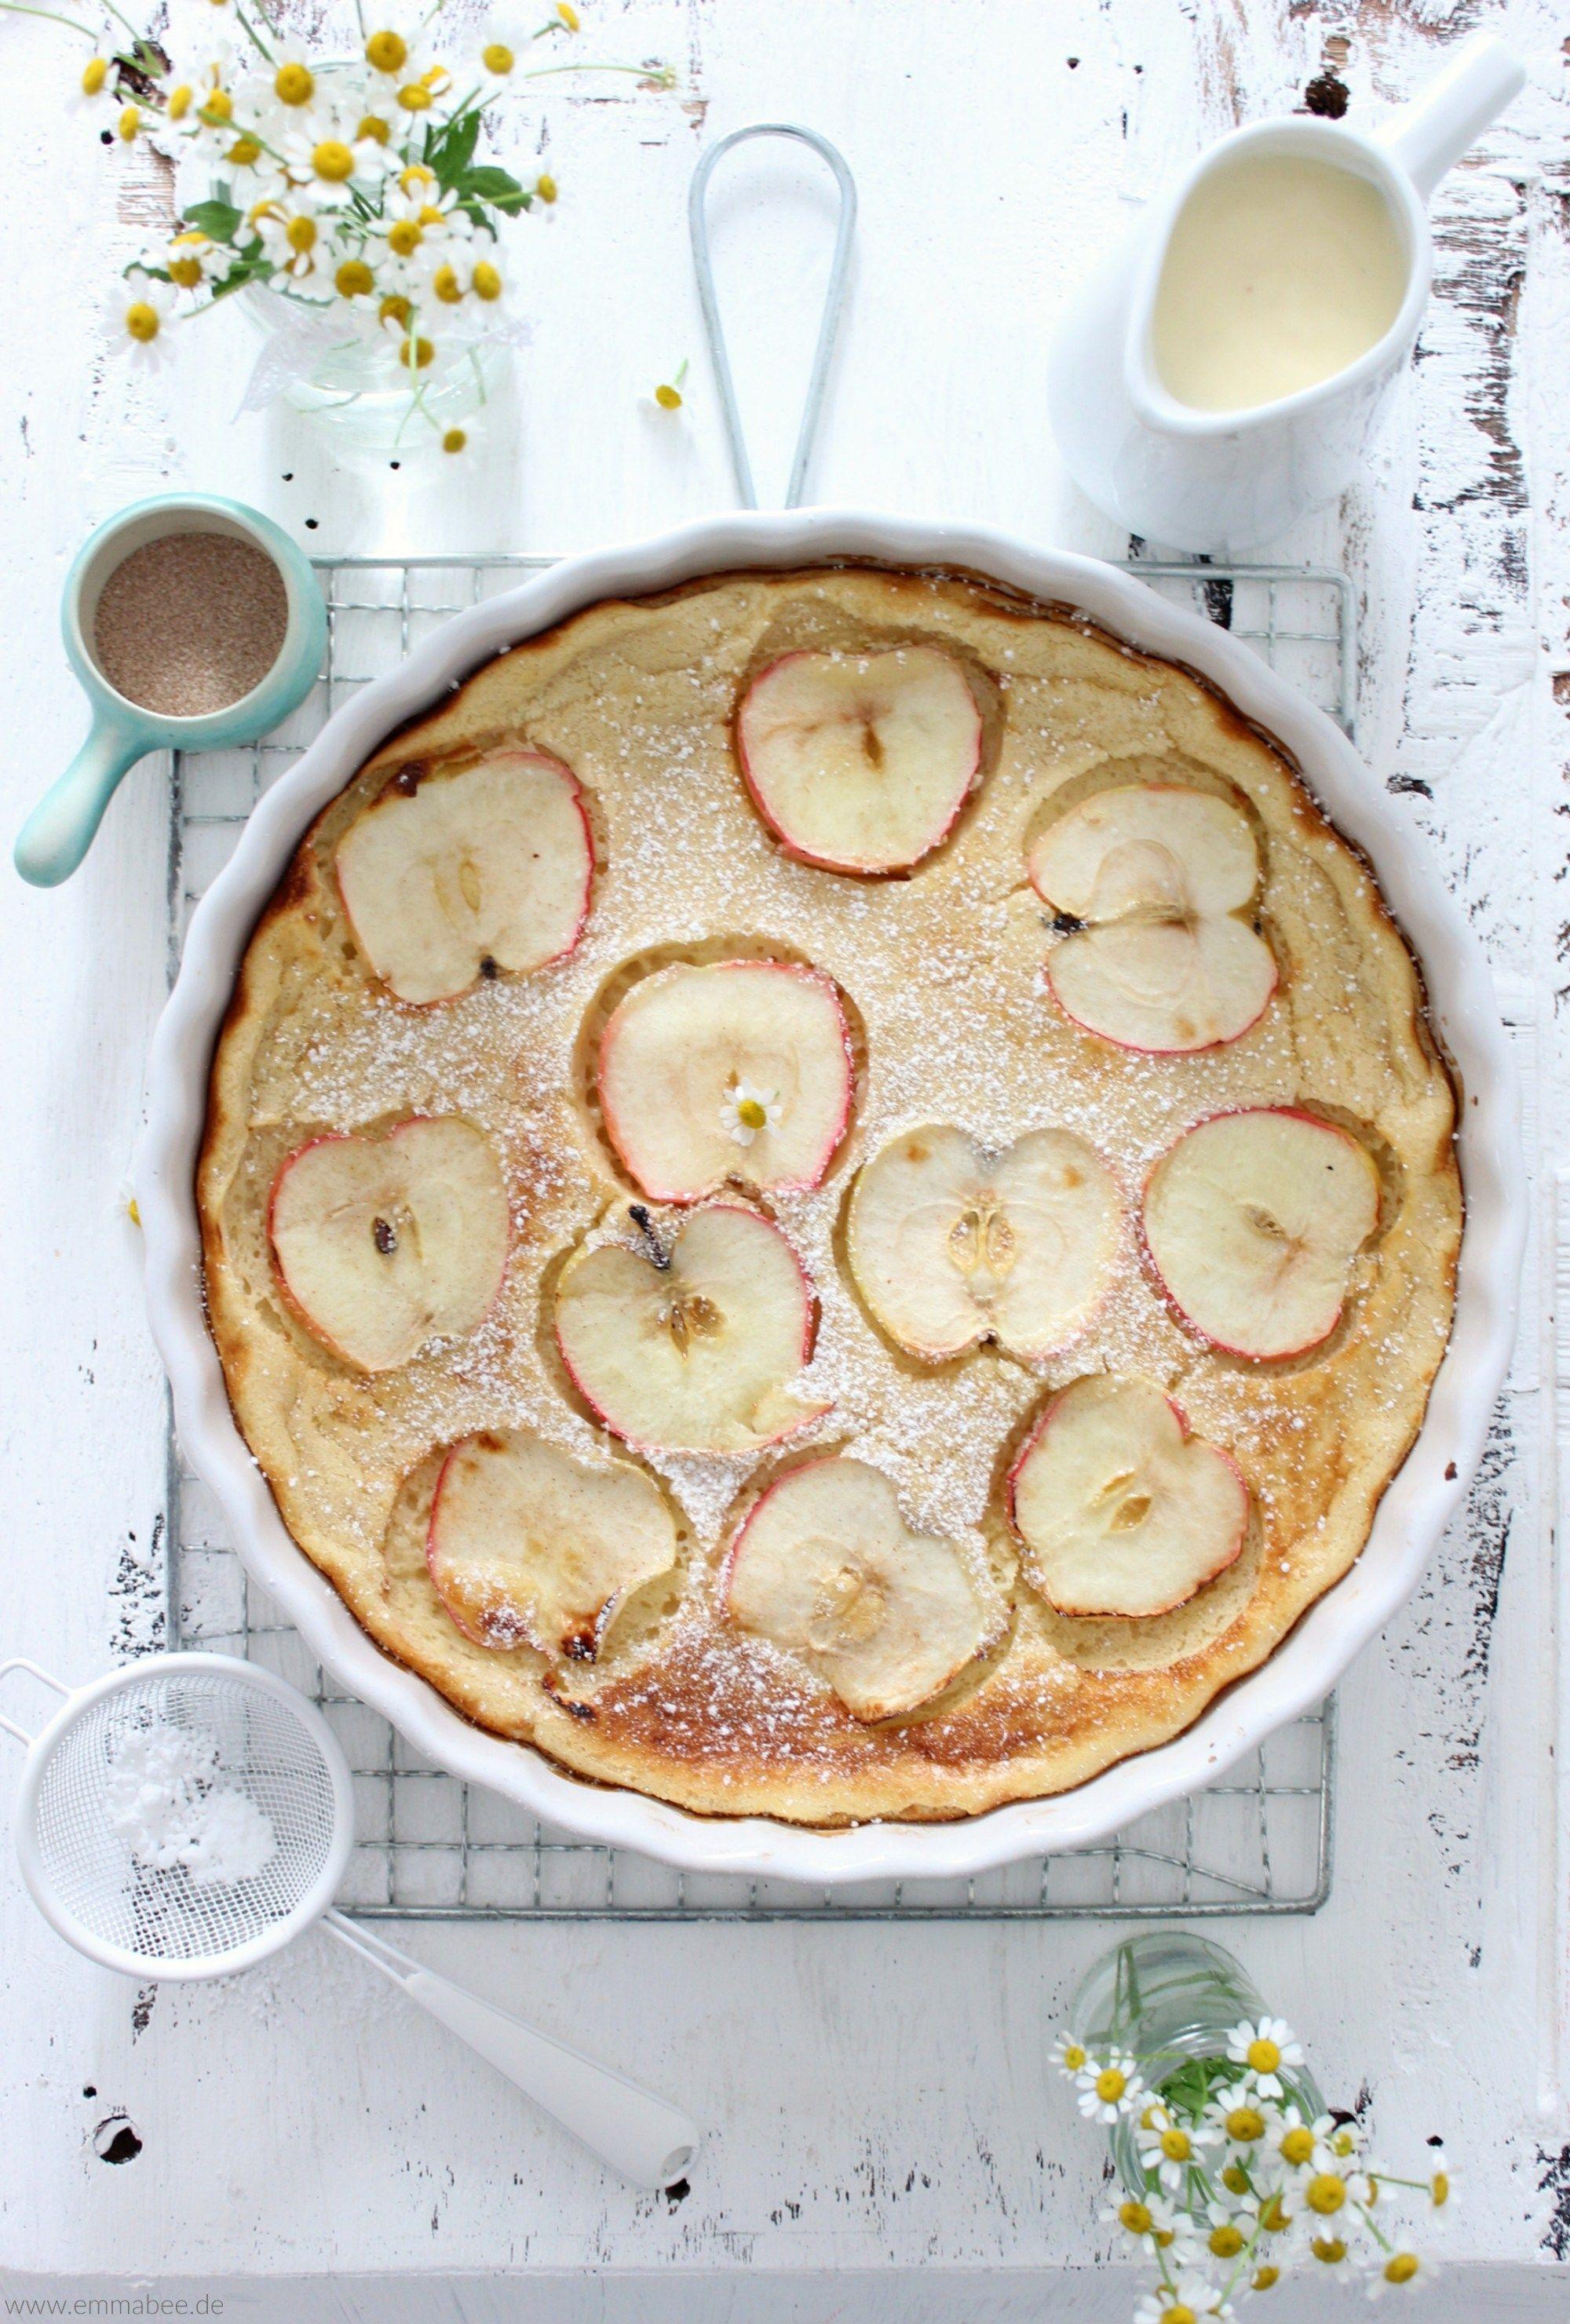 Rezept enpfannkuchen perfekt für alle Situationen in denen es schnell gehen muss